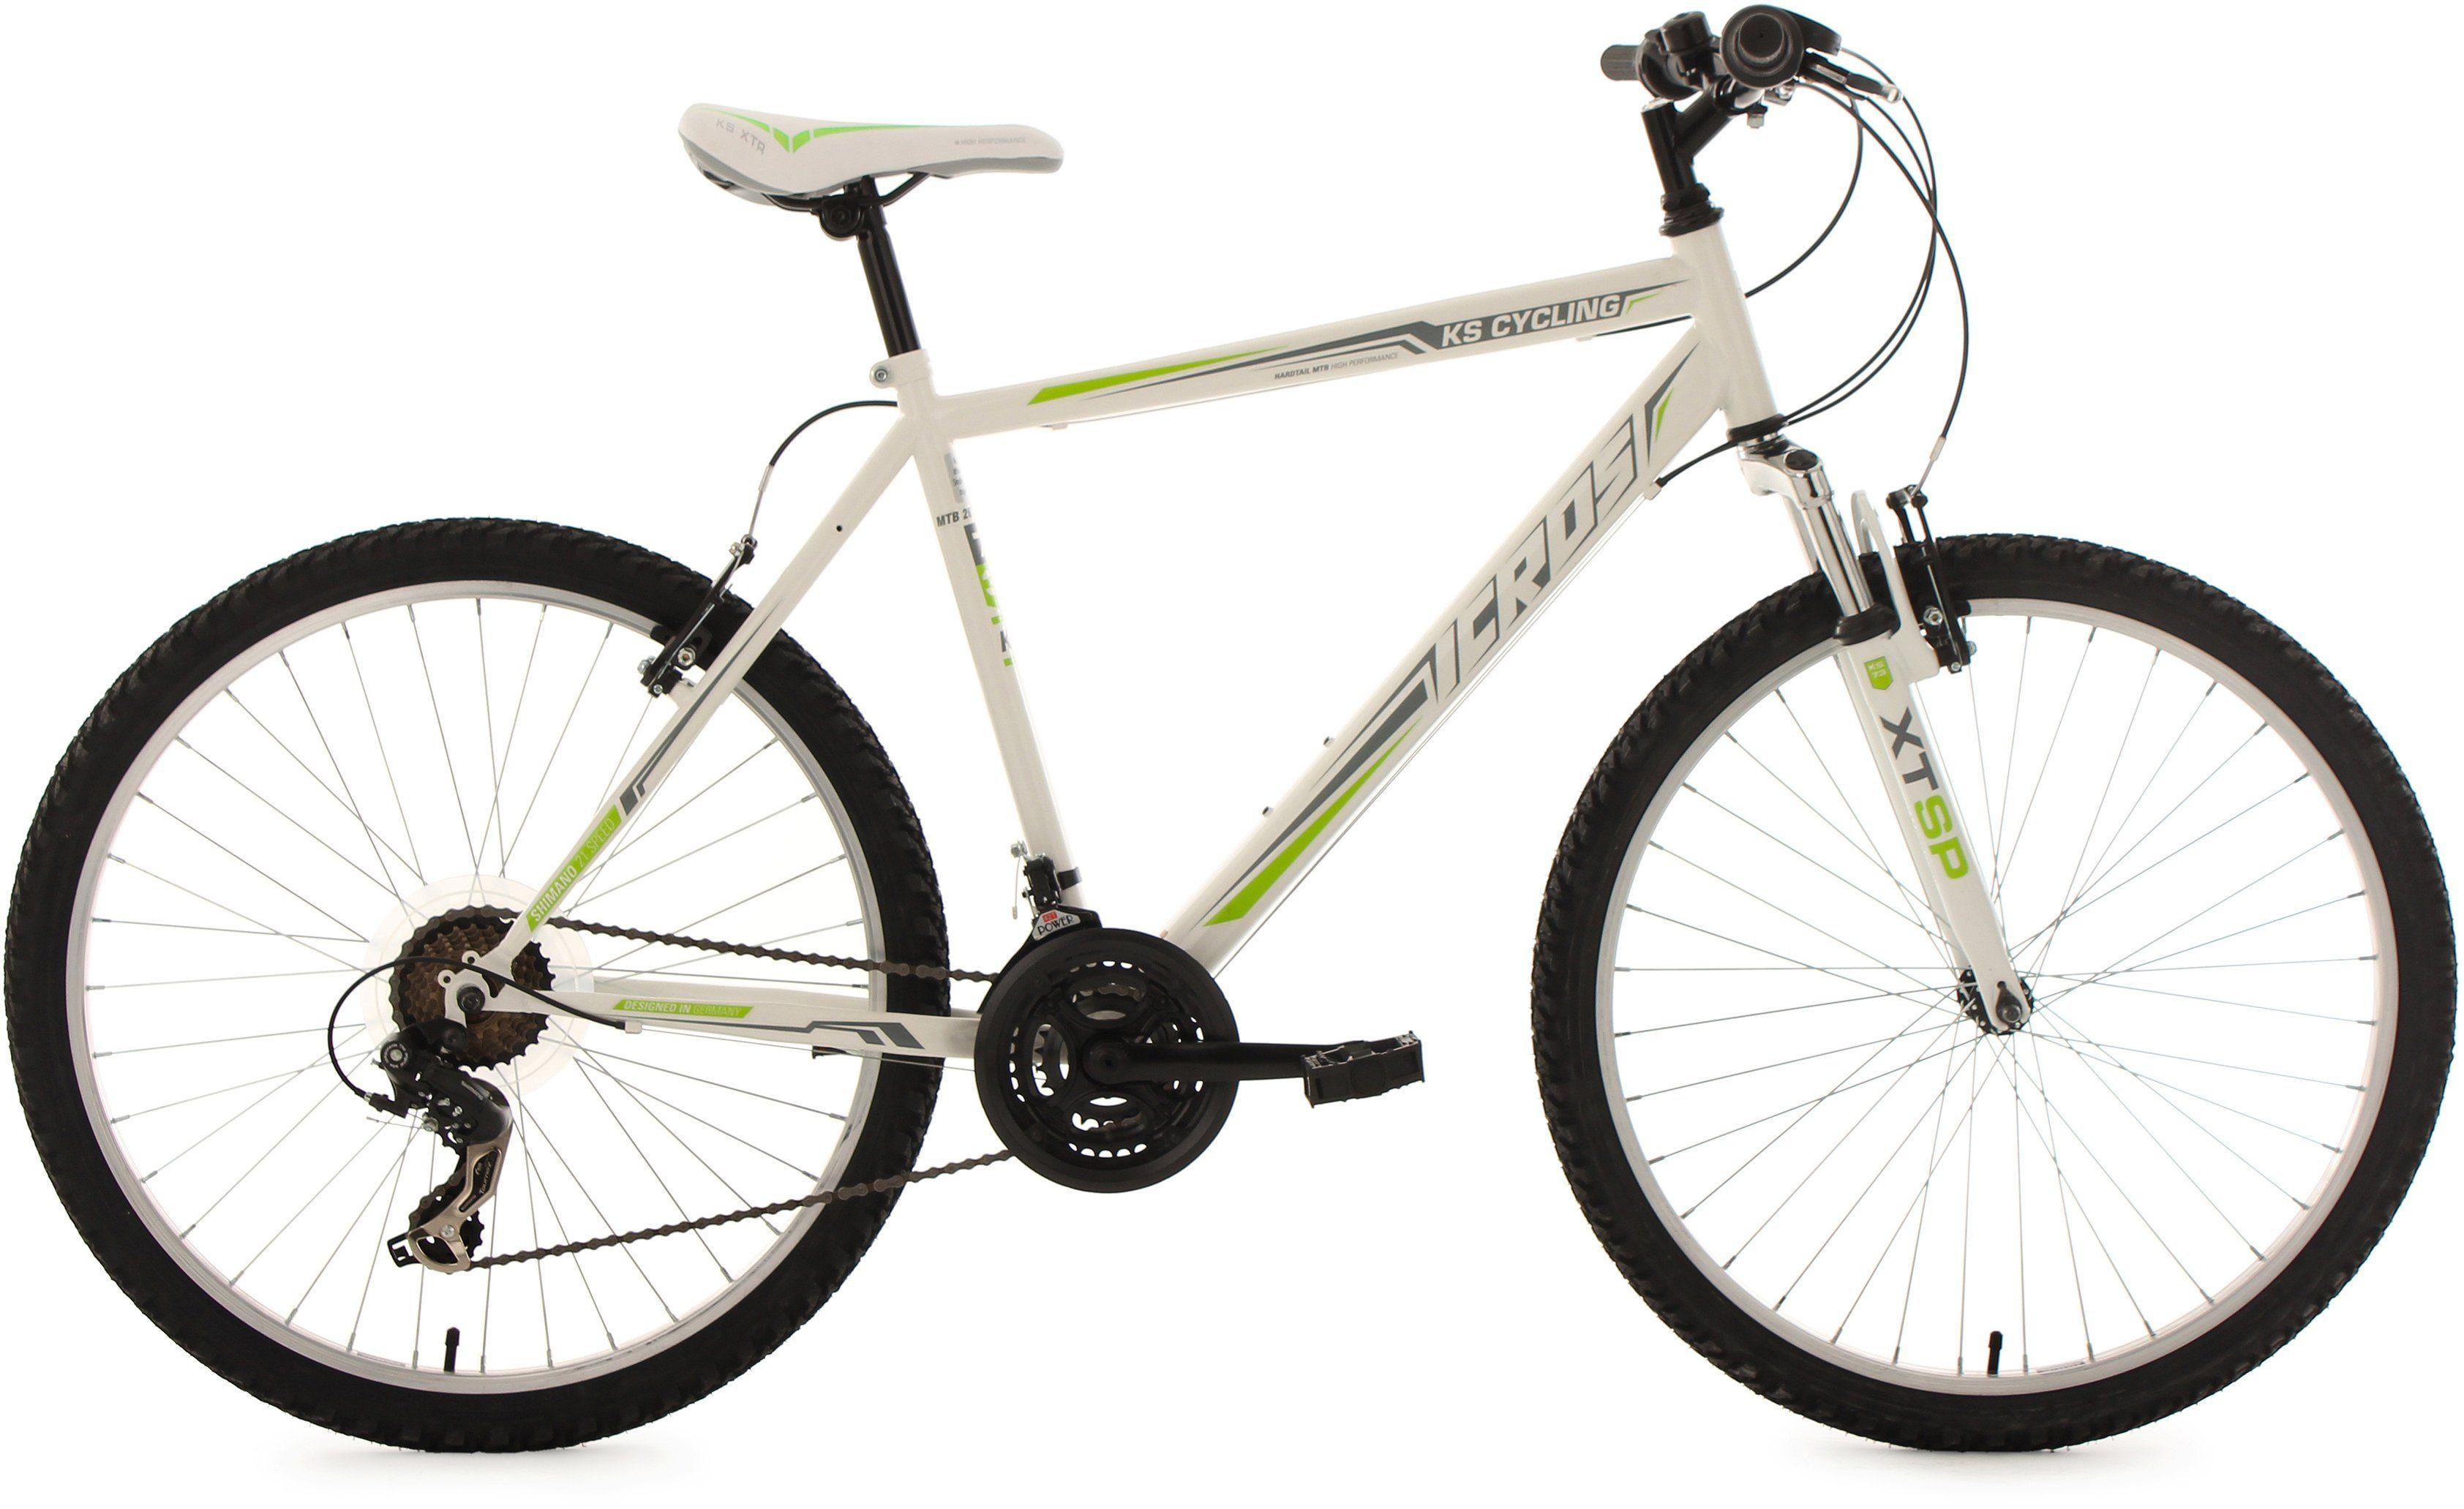 KS Cycling Hardtail-Mountainbike Herren, 26 Zoll, 21 Gang-Shimano Tourney Kettensch., »Icros«